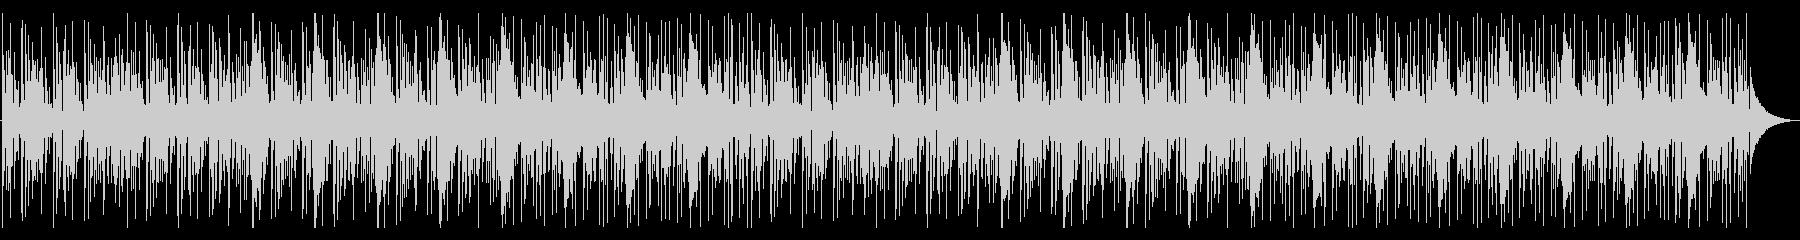 アウトロー雰囲気のヒップホップ536_2の未再生の波形